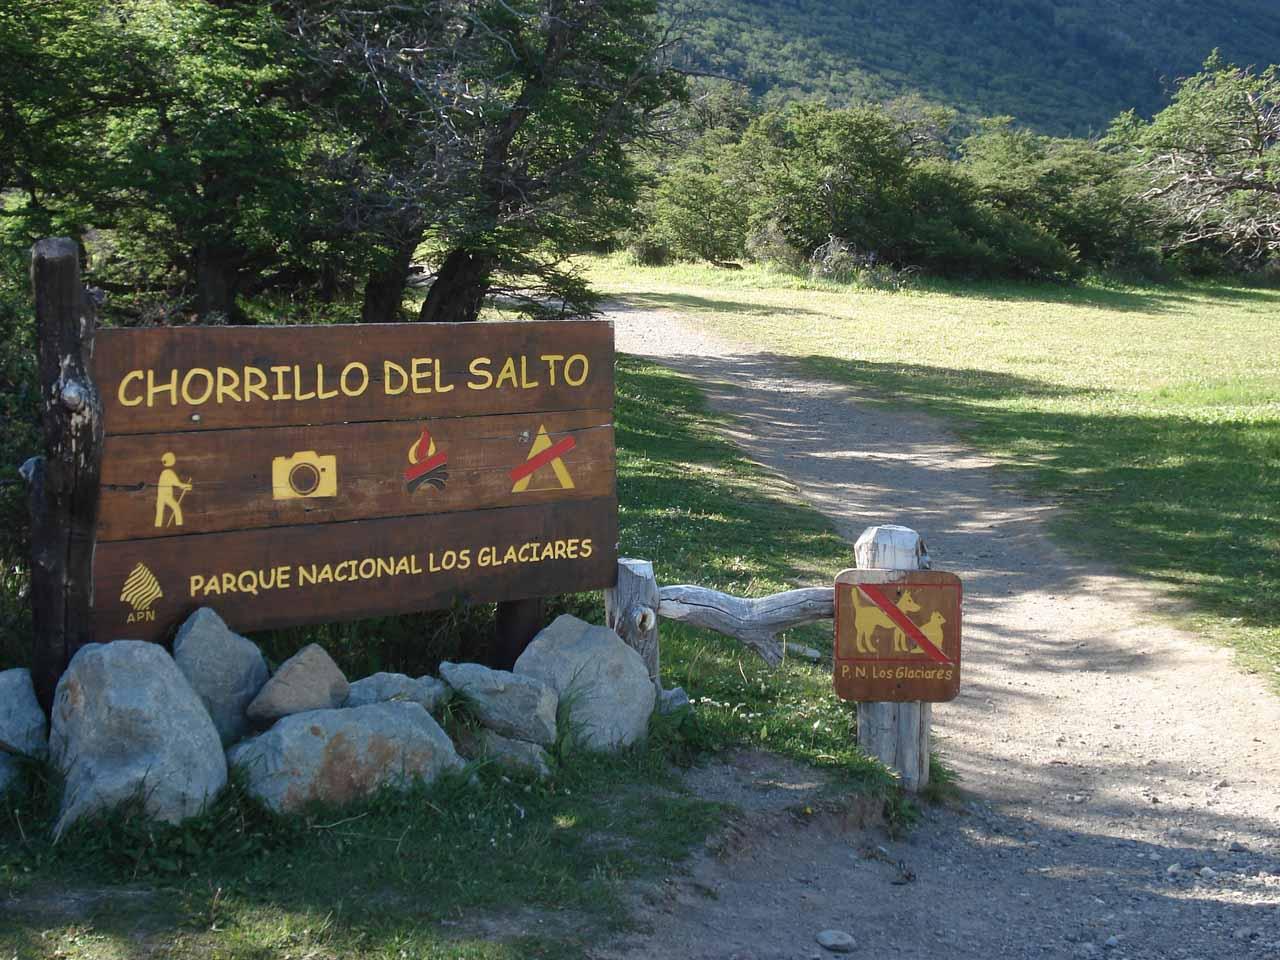 Finally at the trailhead for Chorrillo del Salto